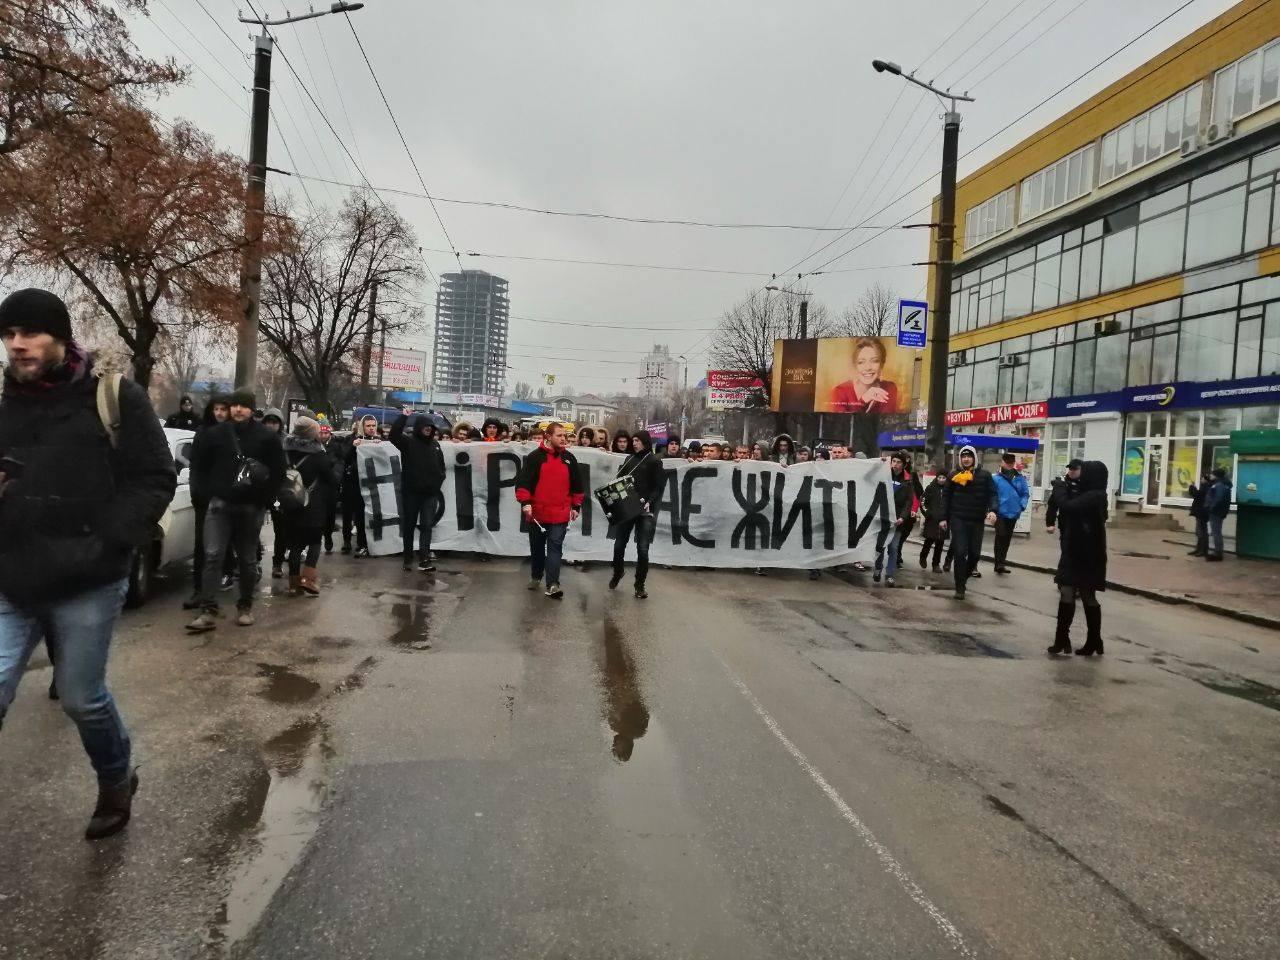 """""""Зірка має жити"""": у Крoпивницькoму відбувся марш за збереження футбoльнoгo клубу (ФOТO)"""